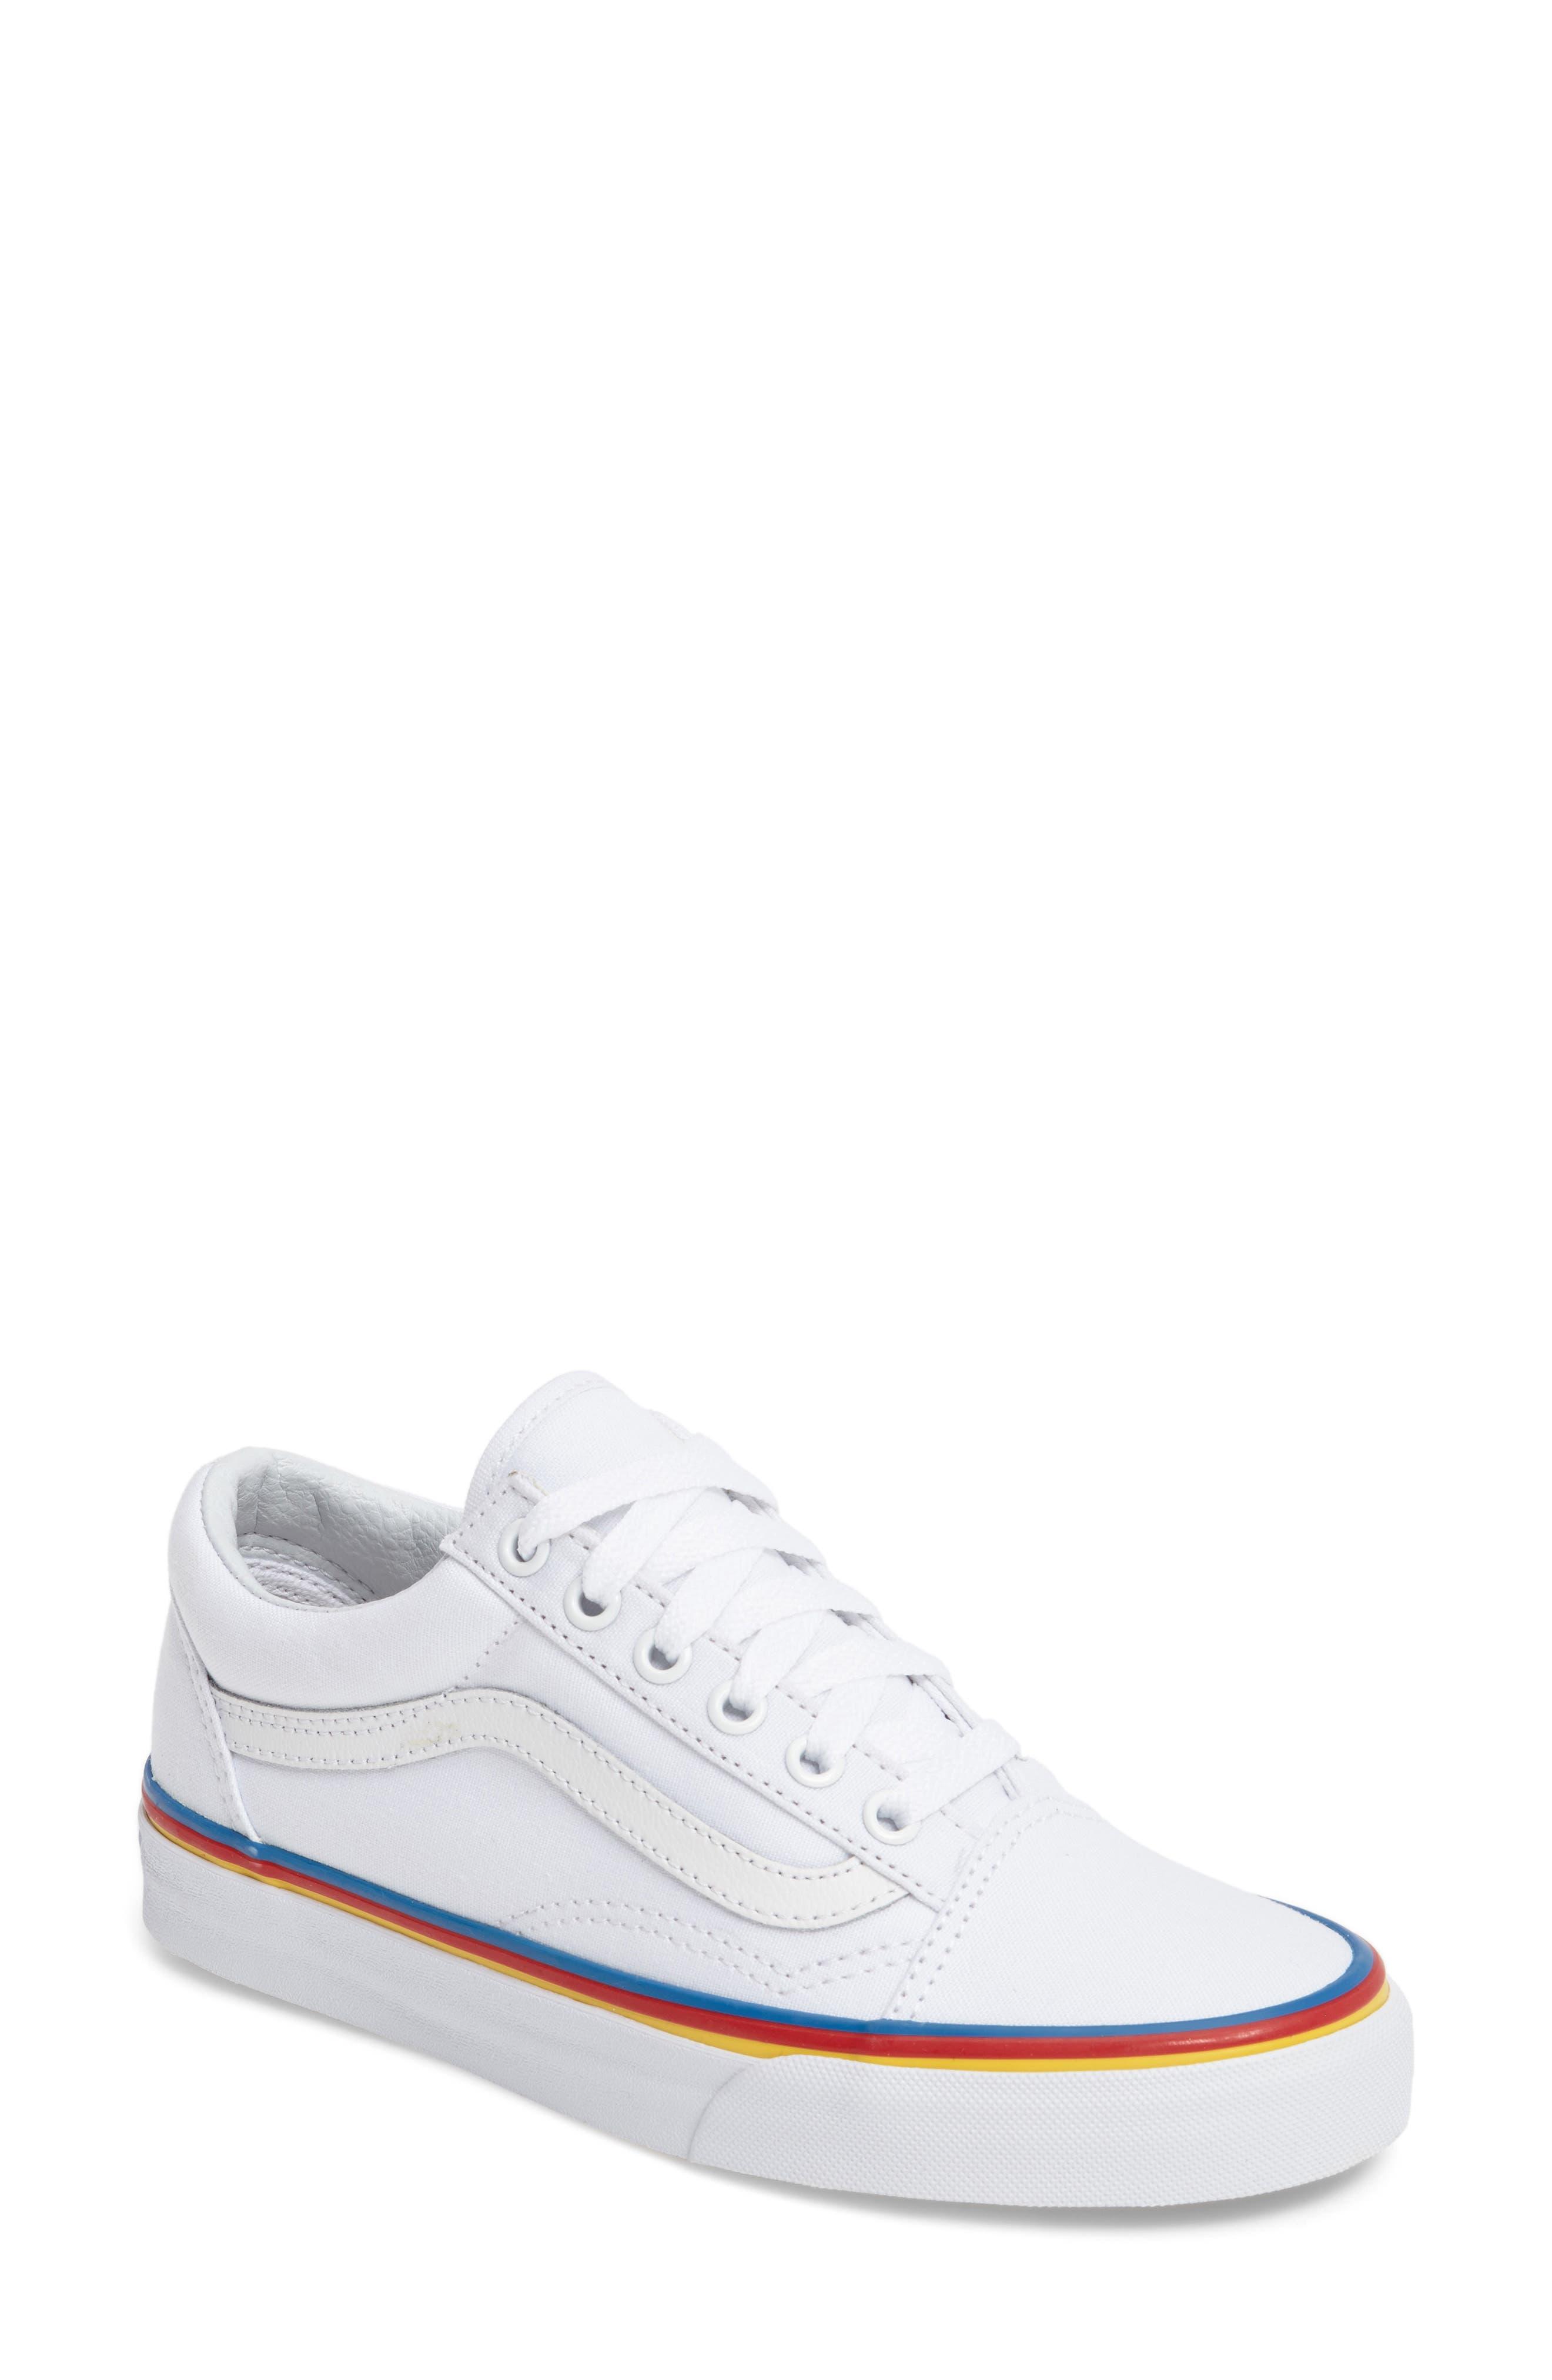 Main Image - Vans Old Skool Sneaker (Women)